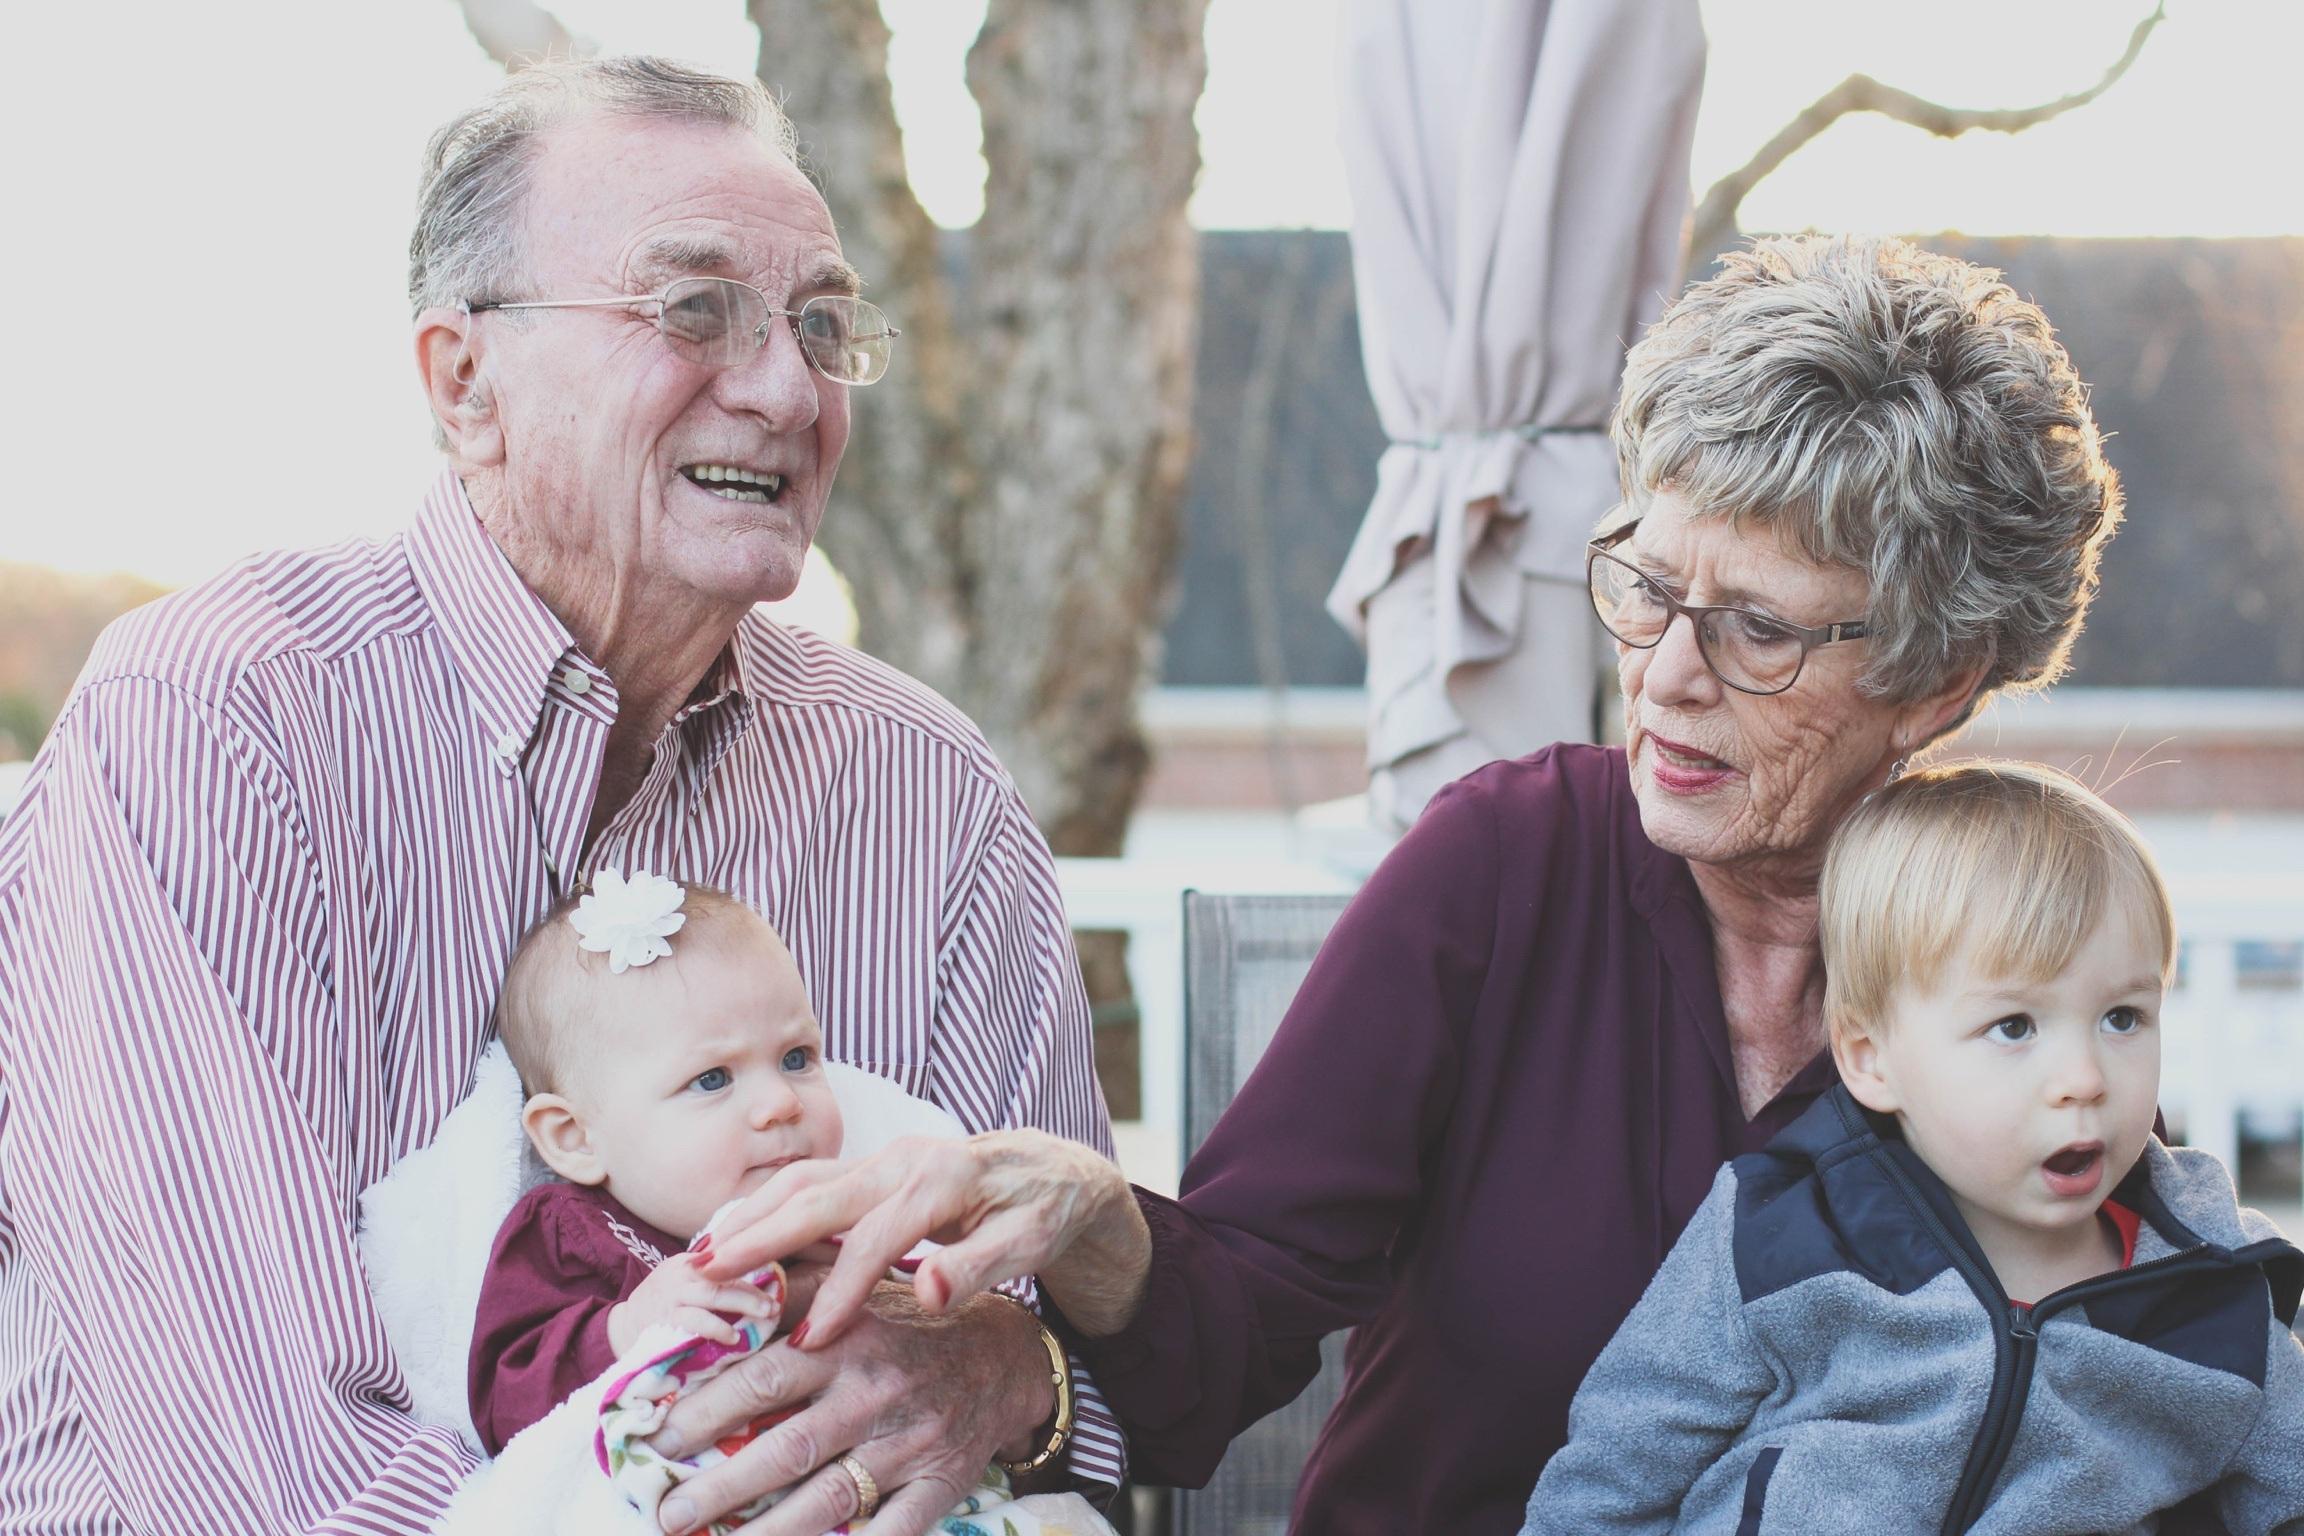 cessione del quinto con pensione minima